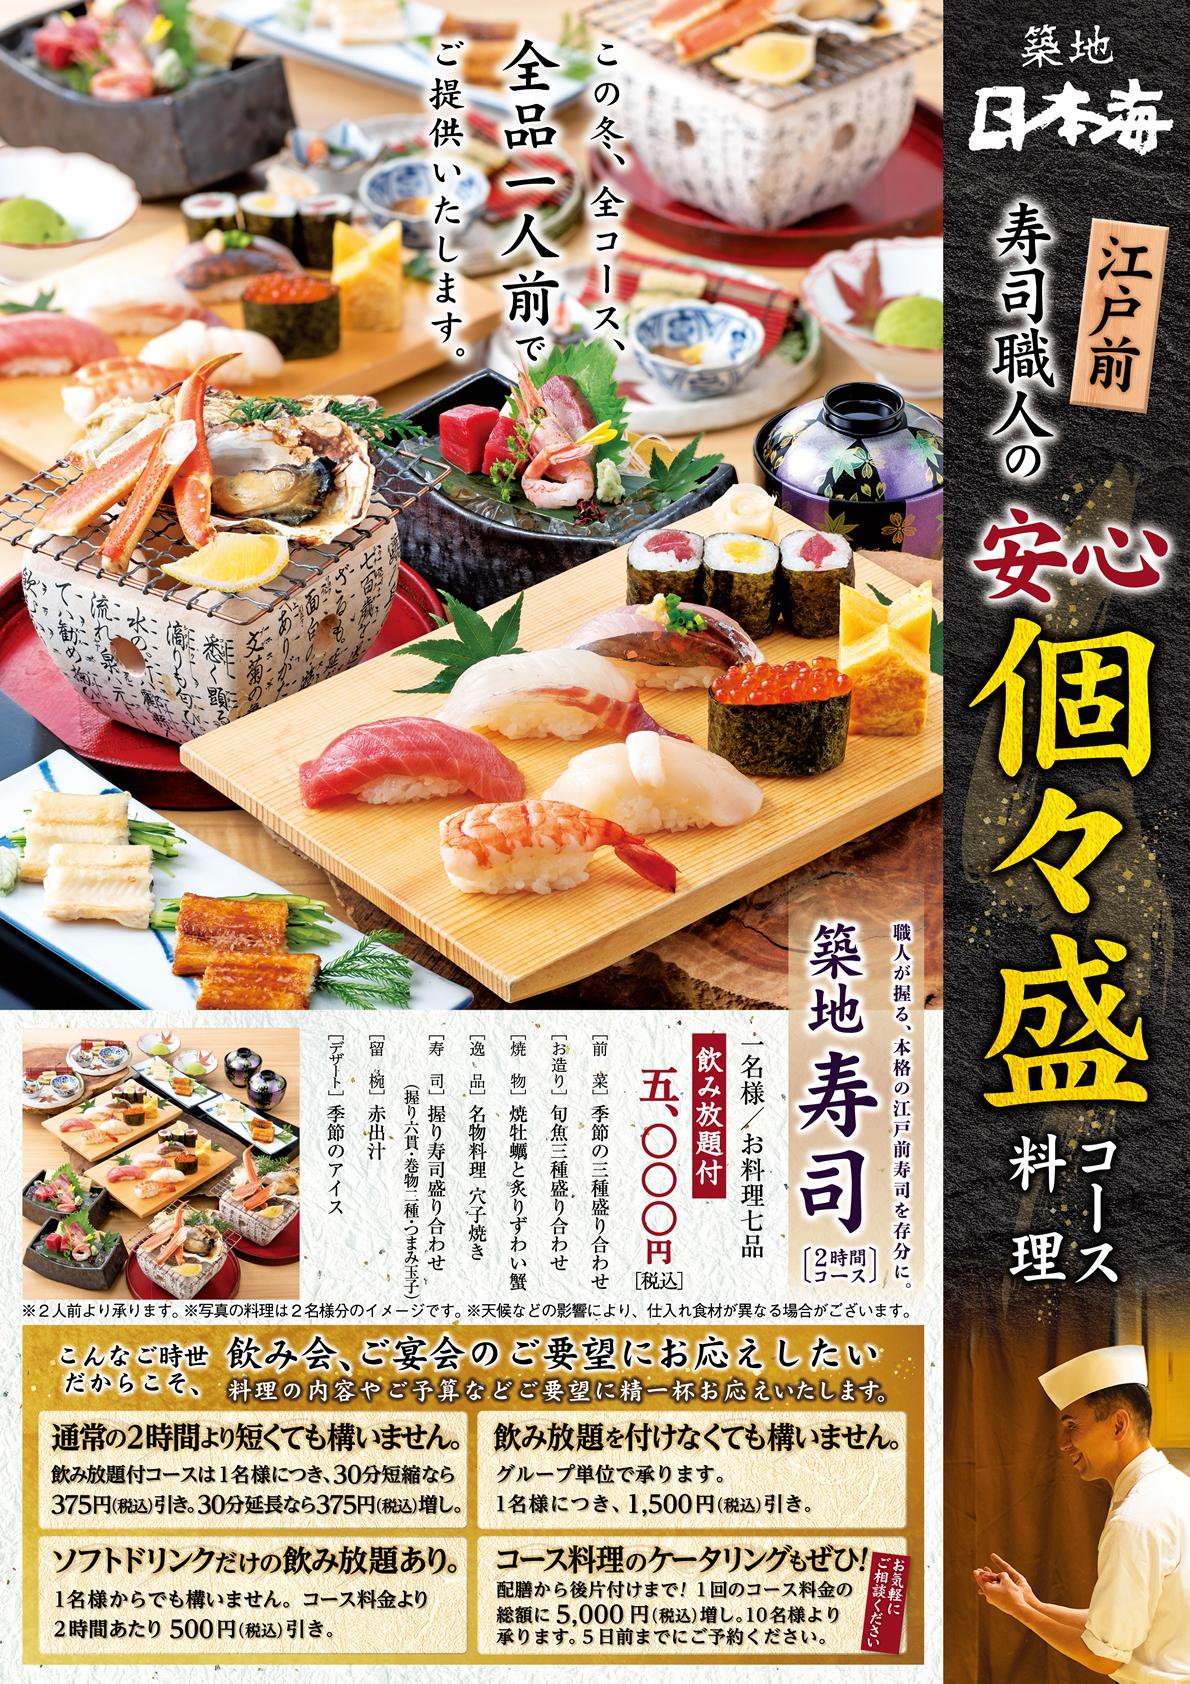 【築地日本海】11月17日より「寿司職人の個々盛りコース」登場!